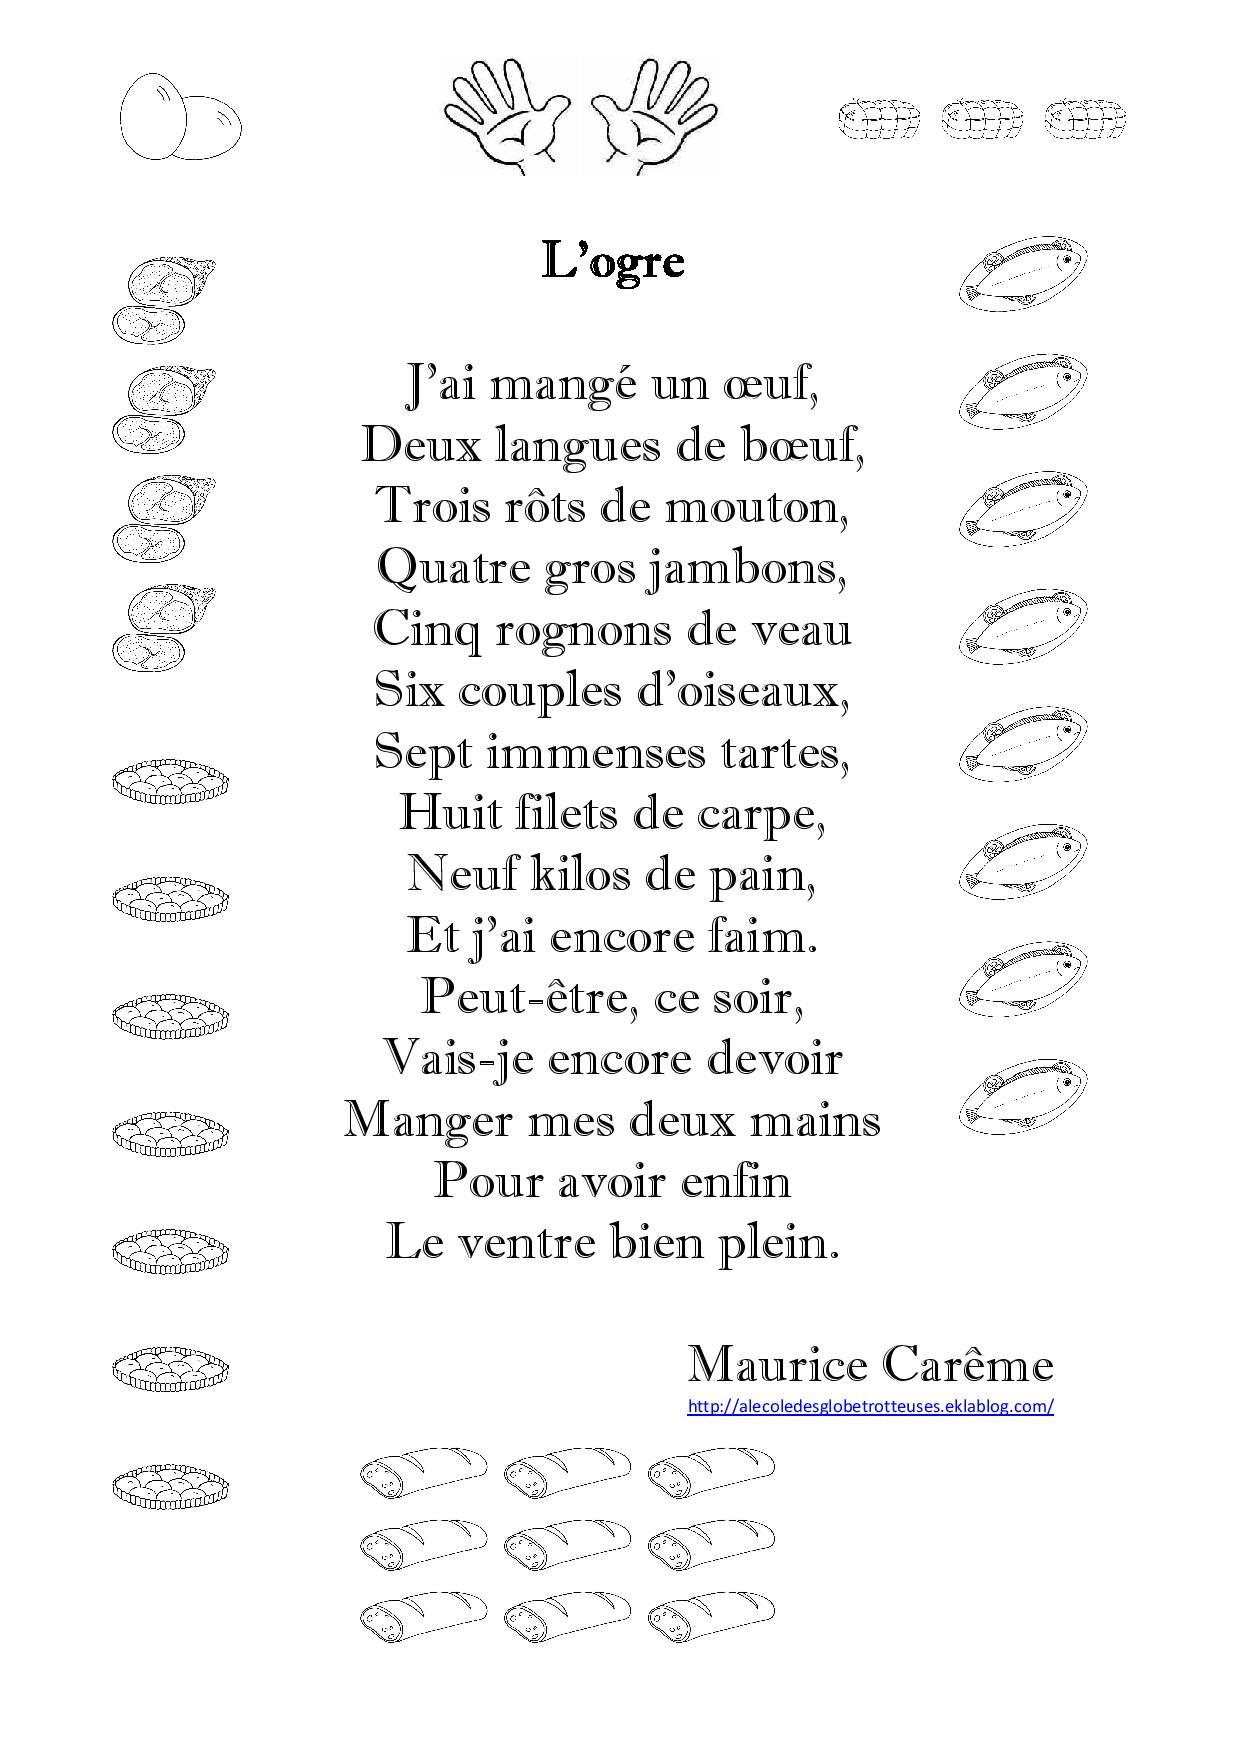 Poesie L Ecole De Maurice Careme : poesie, ecole, maurice, careme, L'ogre,, Maurice, Carême, L'école, Globetrotteuses